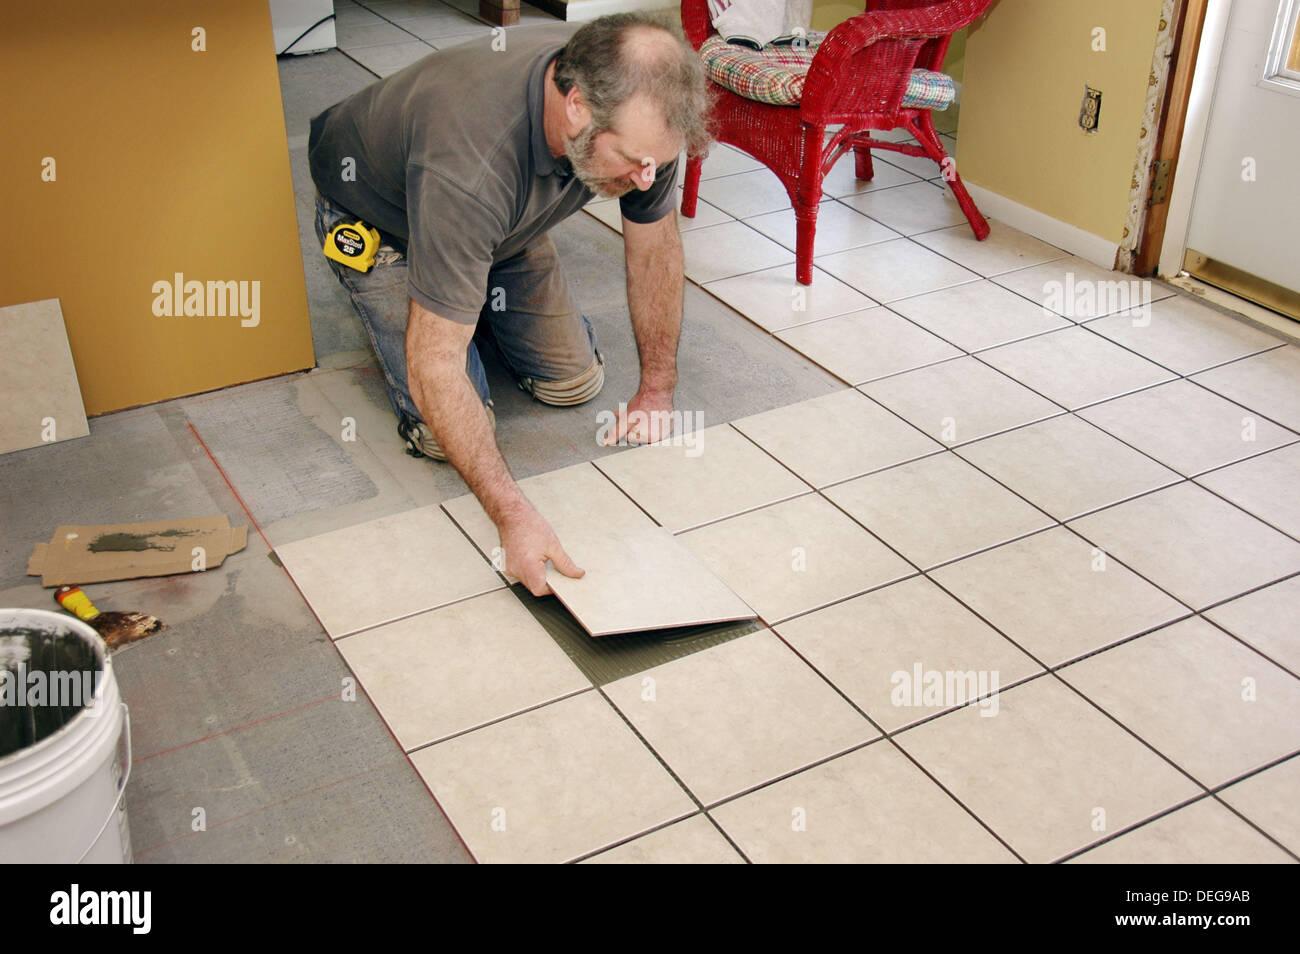 Putting down tile floor